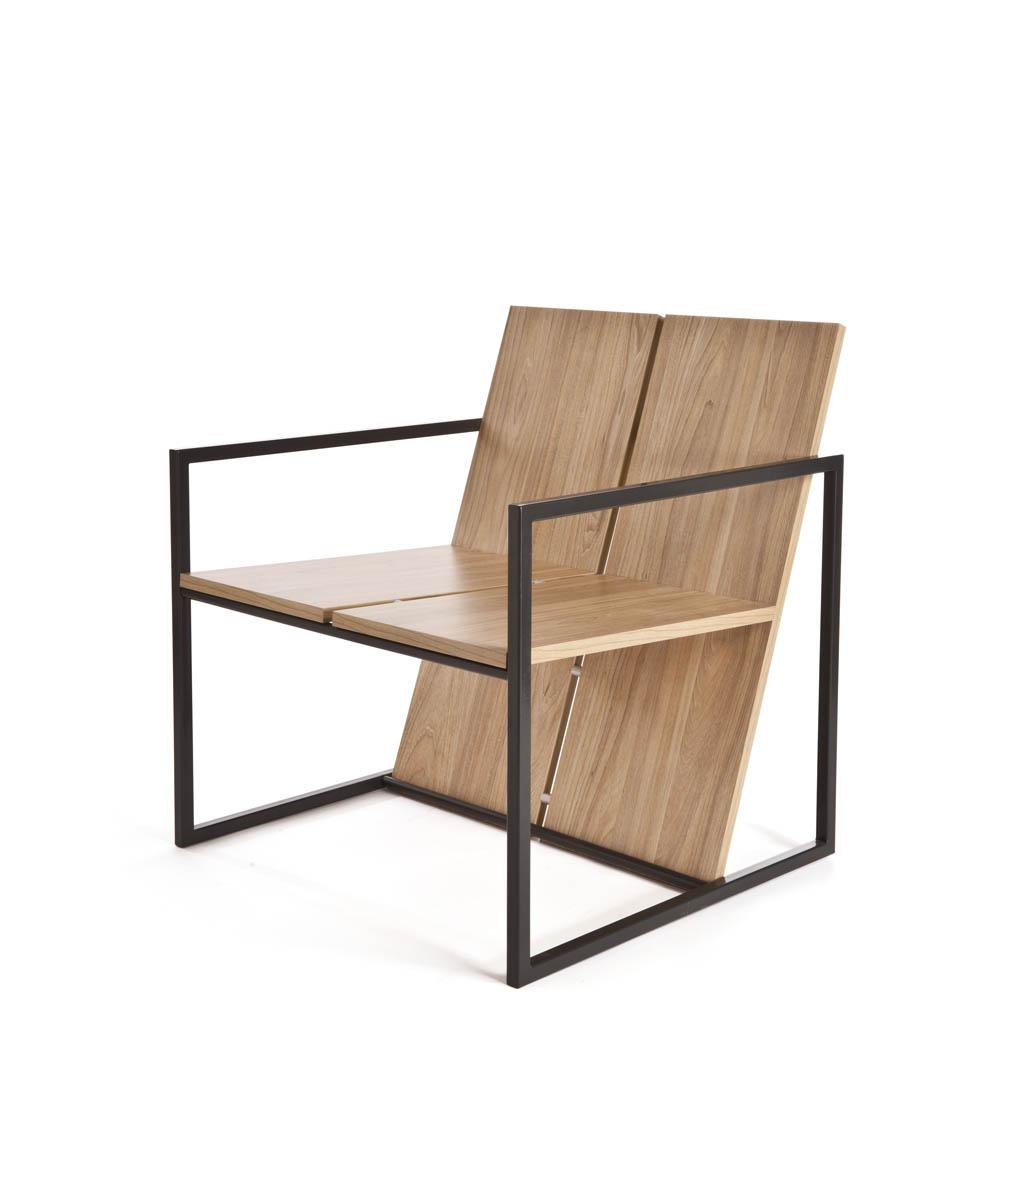 Hauspack la primera marca argentina de muebles listos for Muebles para armar